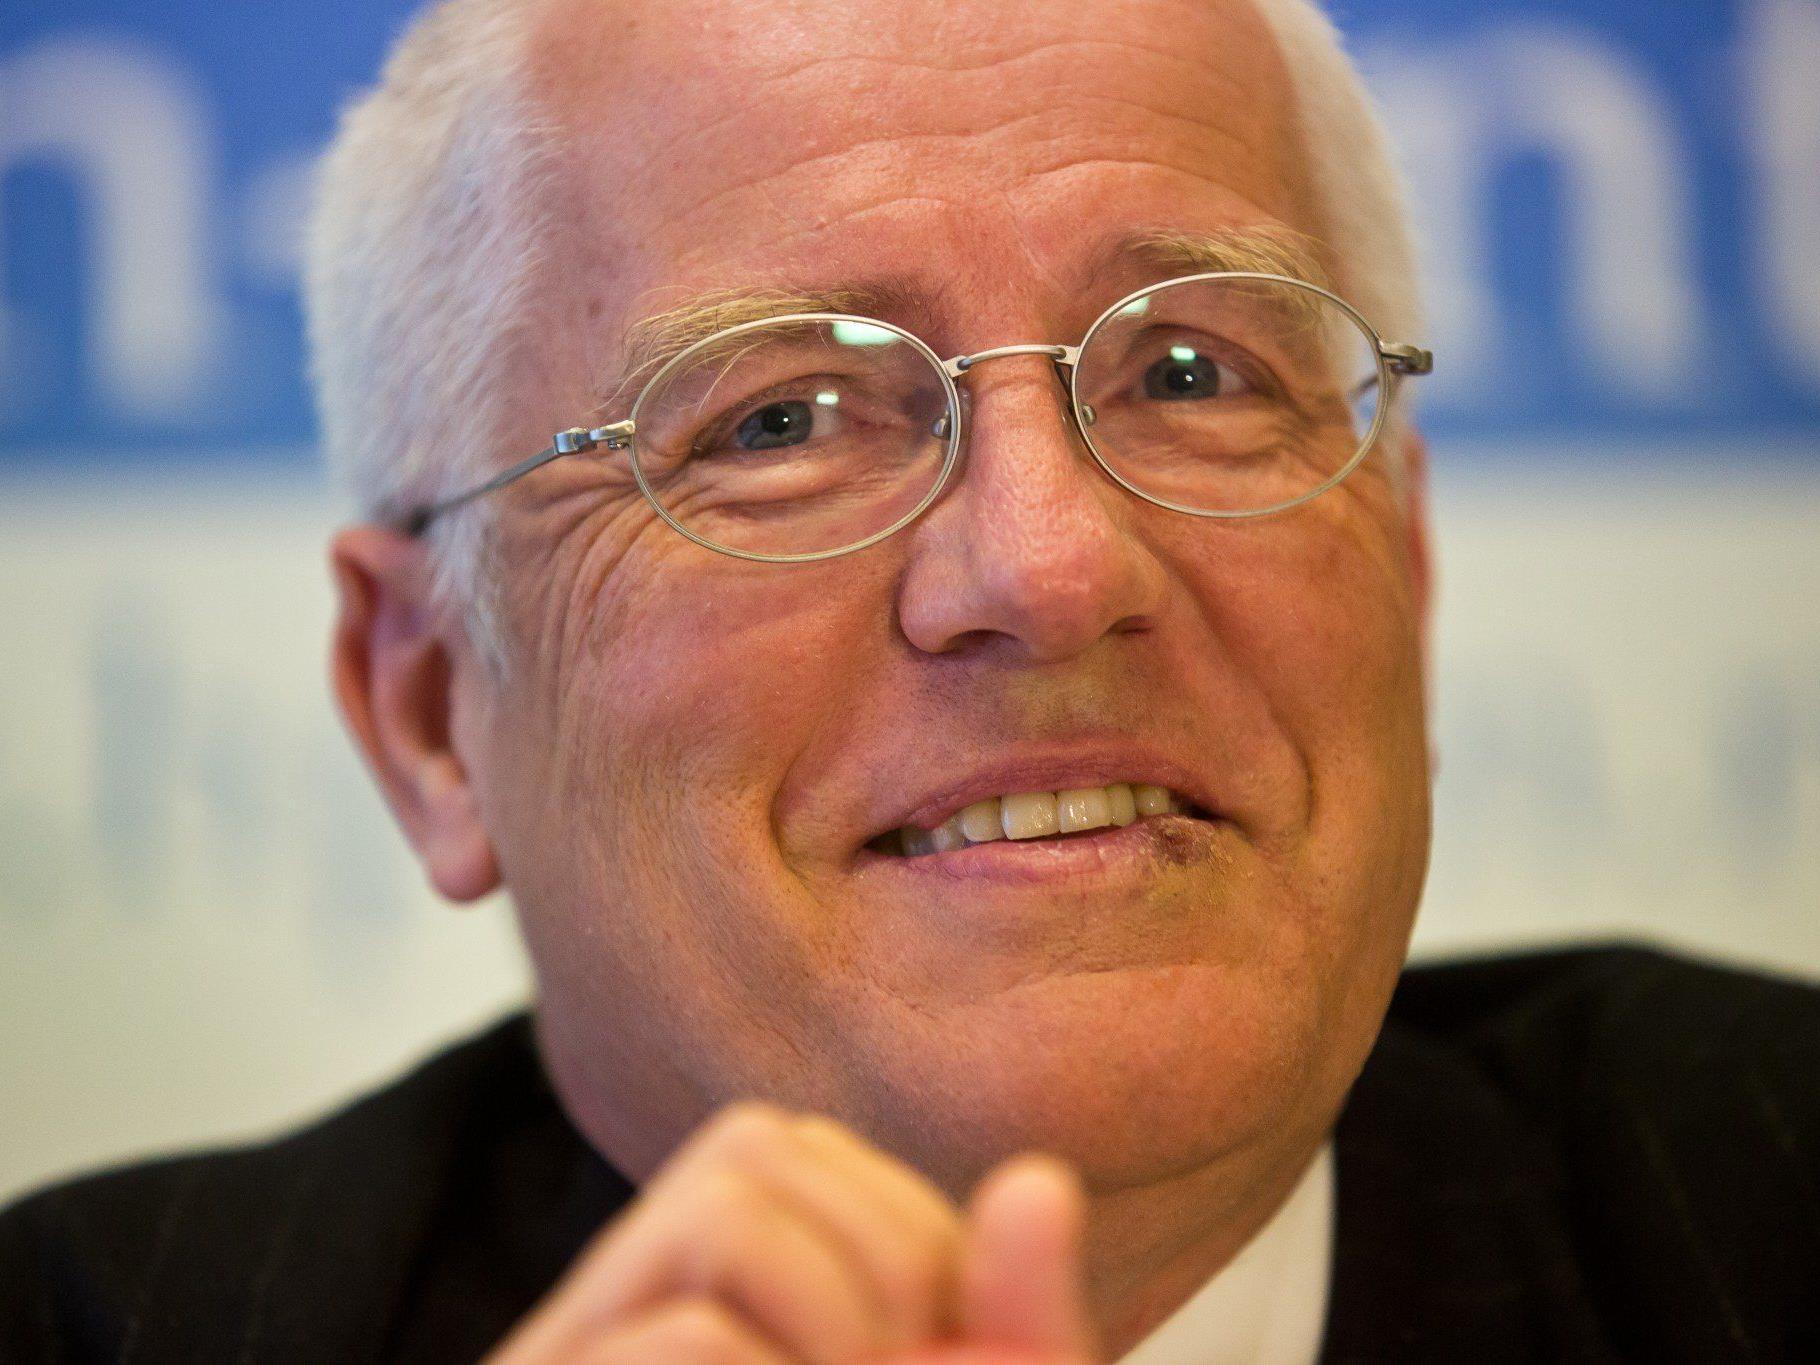 """Hans-Peter Martin: Scheidender EU-Parlamentarier rechnete mit """"dramatischen Zugewinnen für die FPÖ"""""""